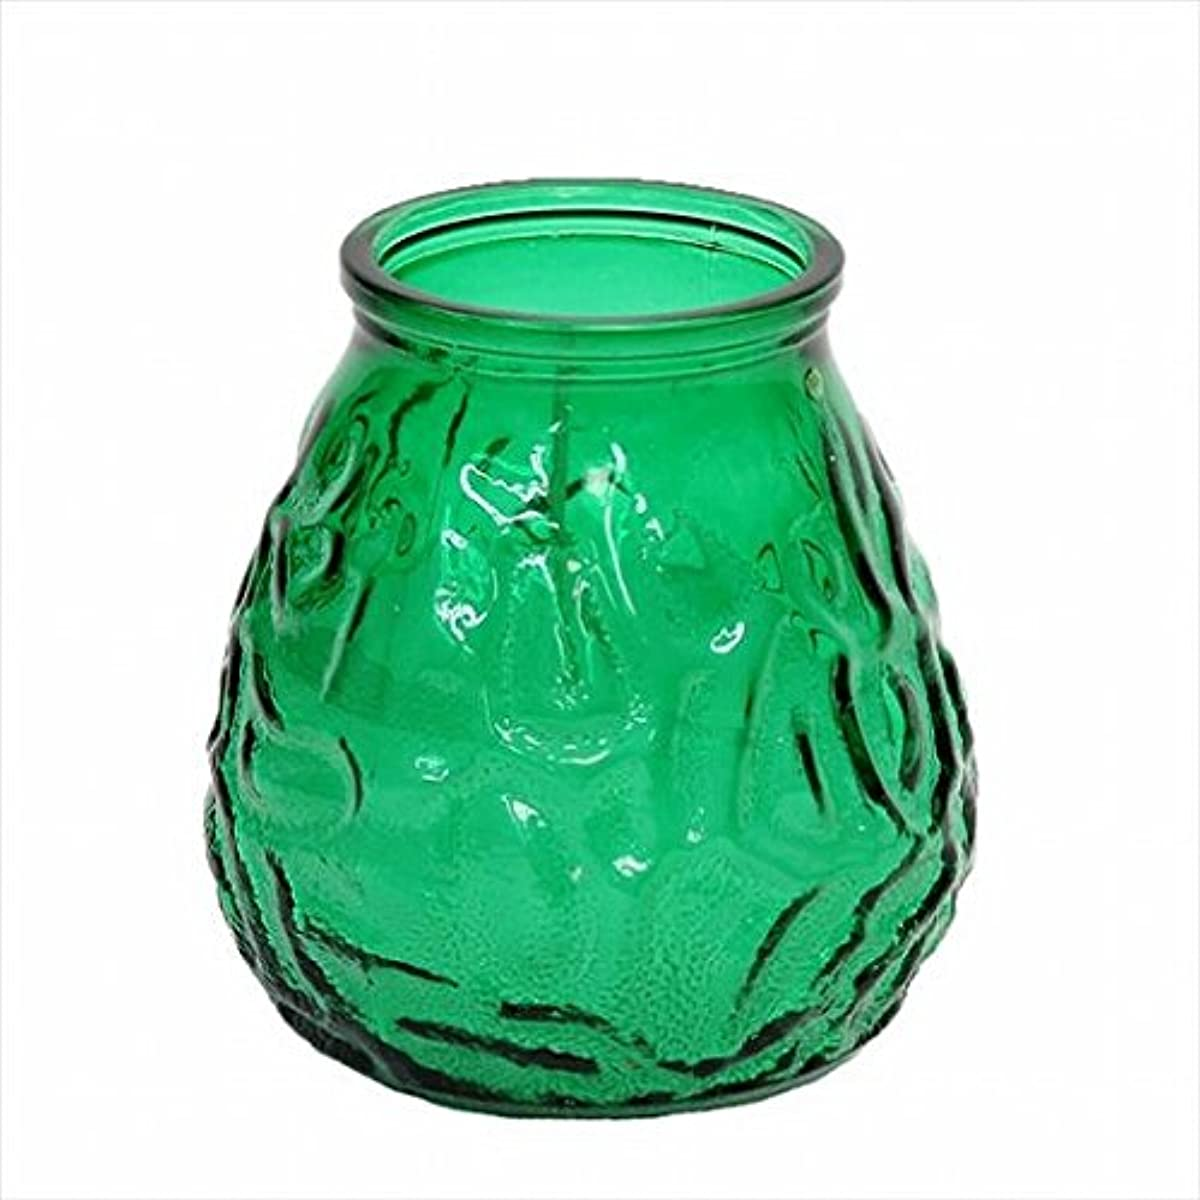 アーカイブキャンバスリベラルカメヤマキャンドル(kameyama candle) ネオベネチアン(ライトカラー) 「 グリーン 」